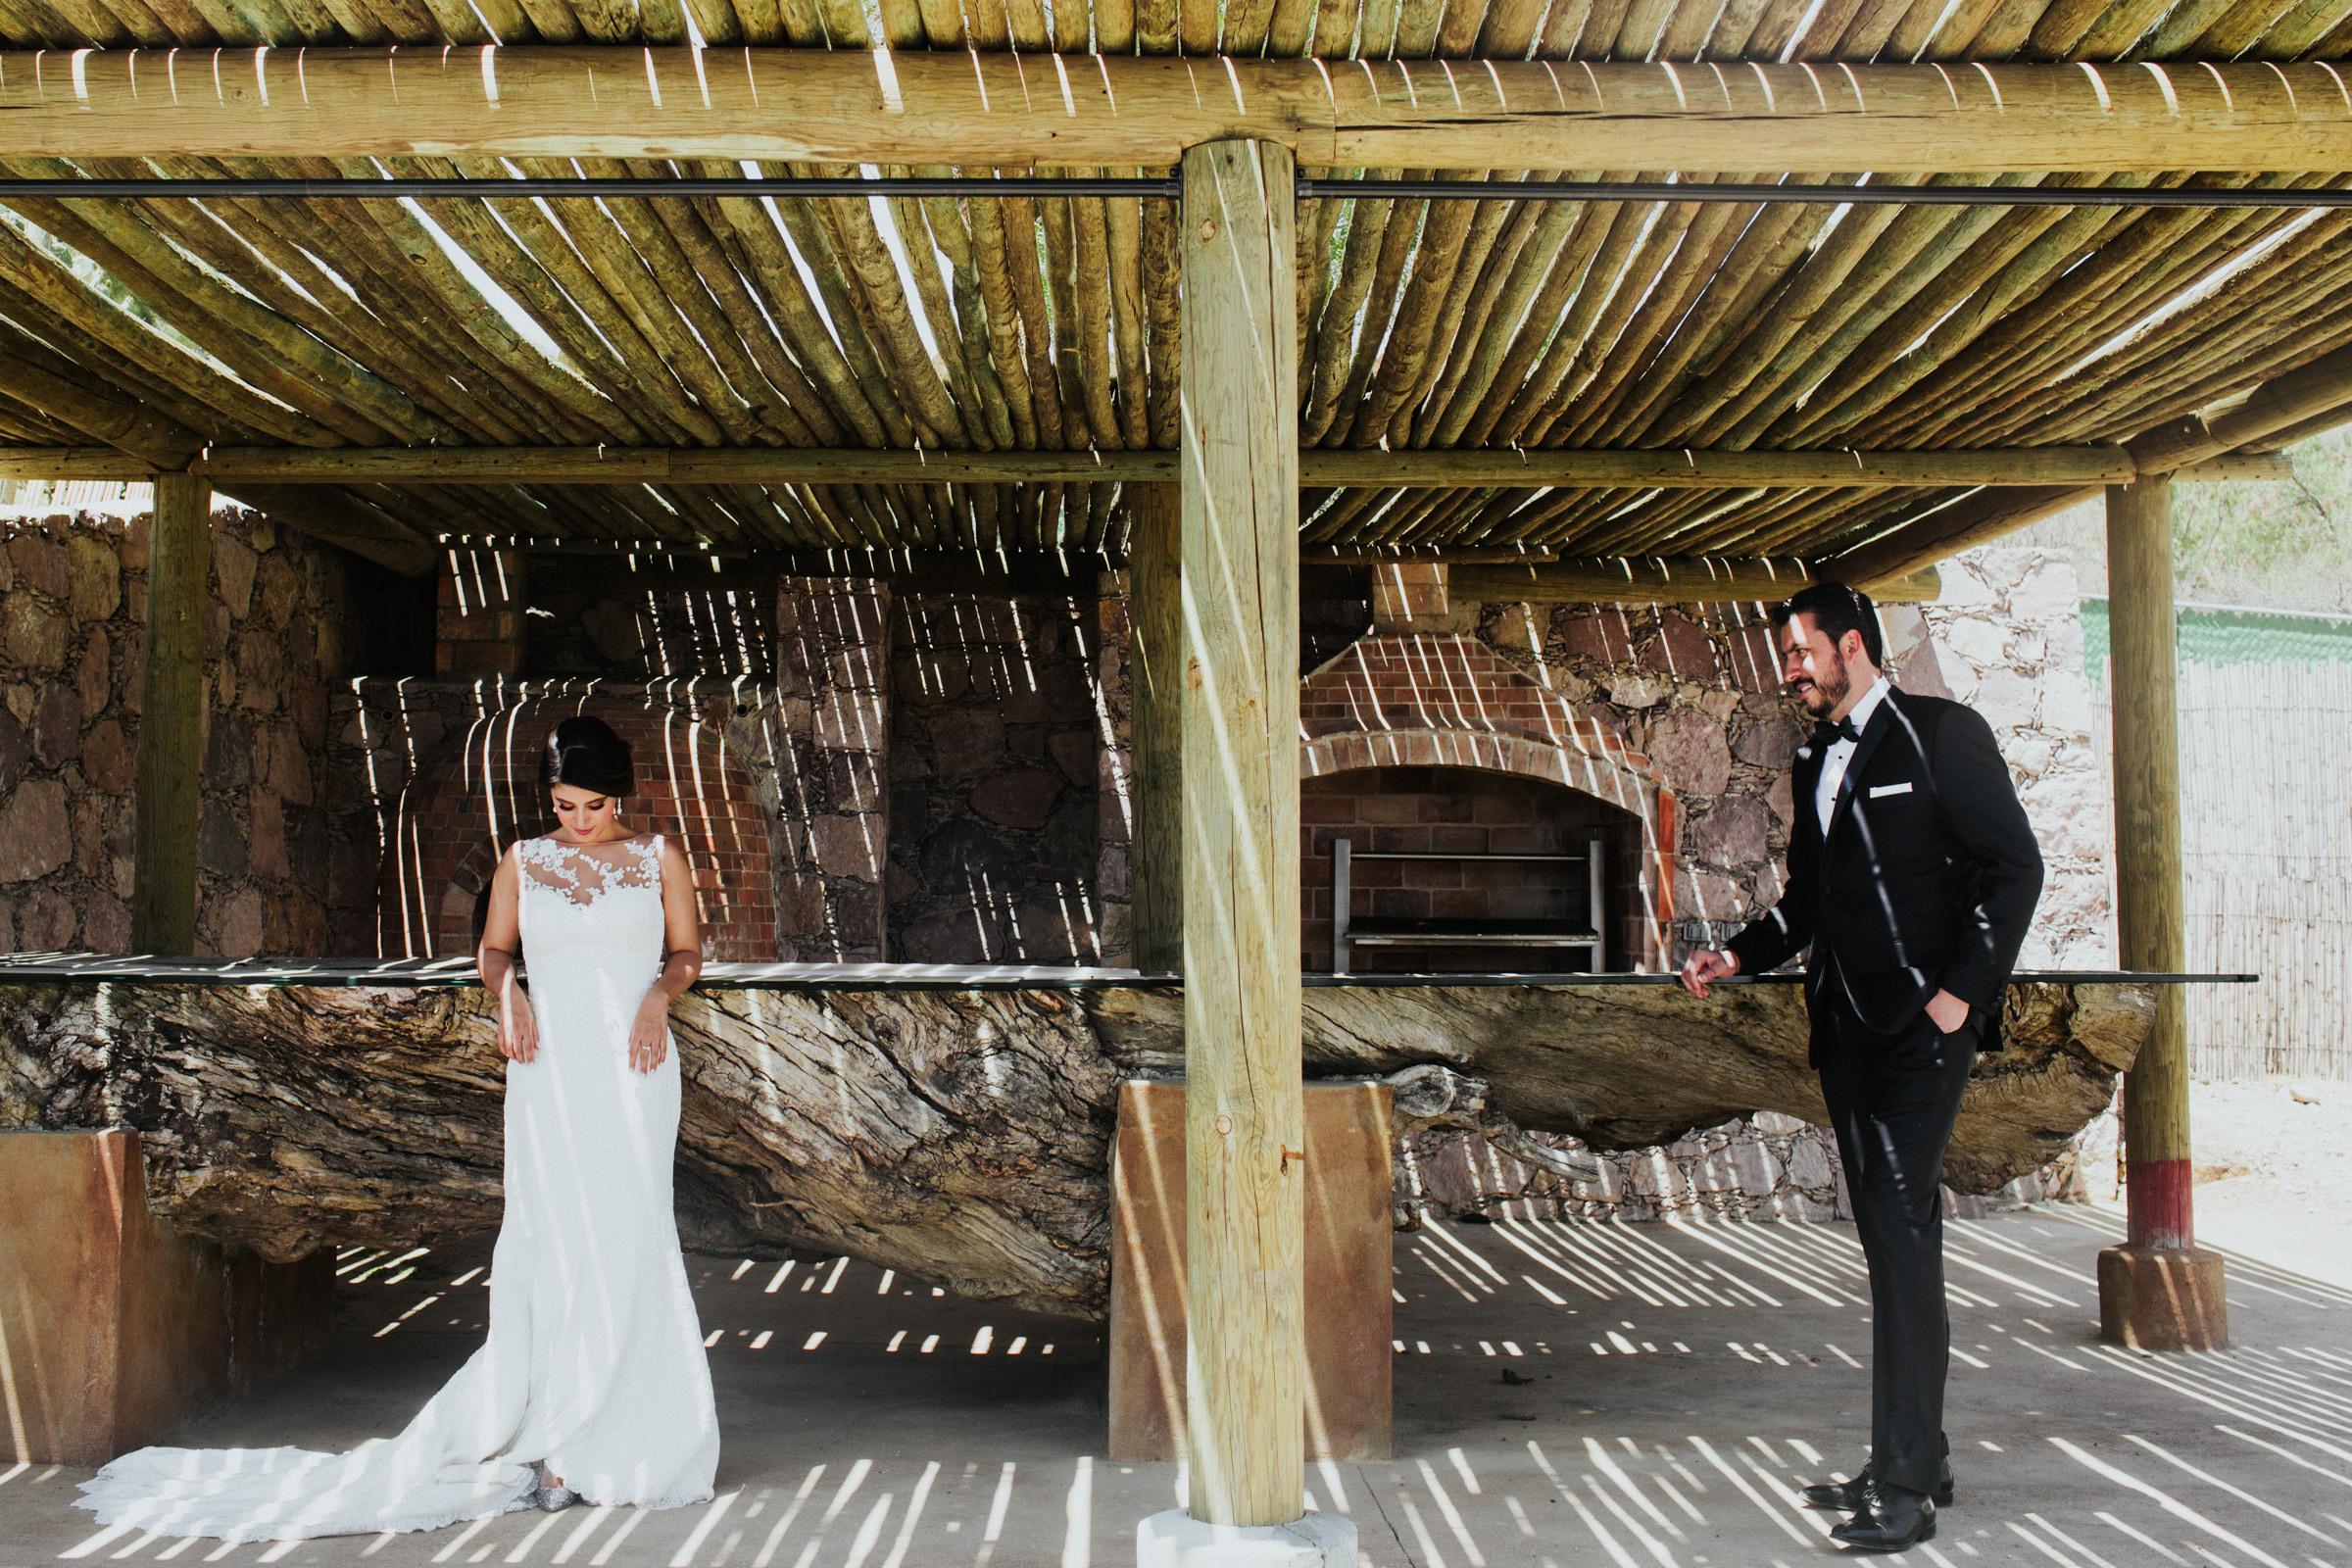 Boda-Guanajuato-Camino-de-Vinos-San-Miguel-Allende-Wedding-Fotografia-Paulina-Mauricio-Pierce0133.JPG